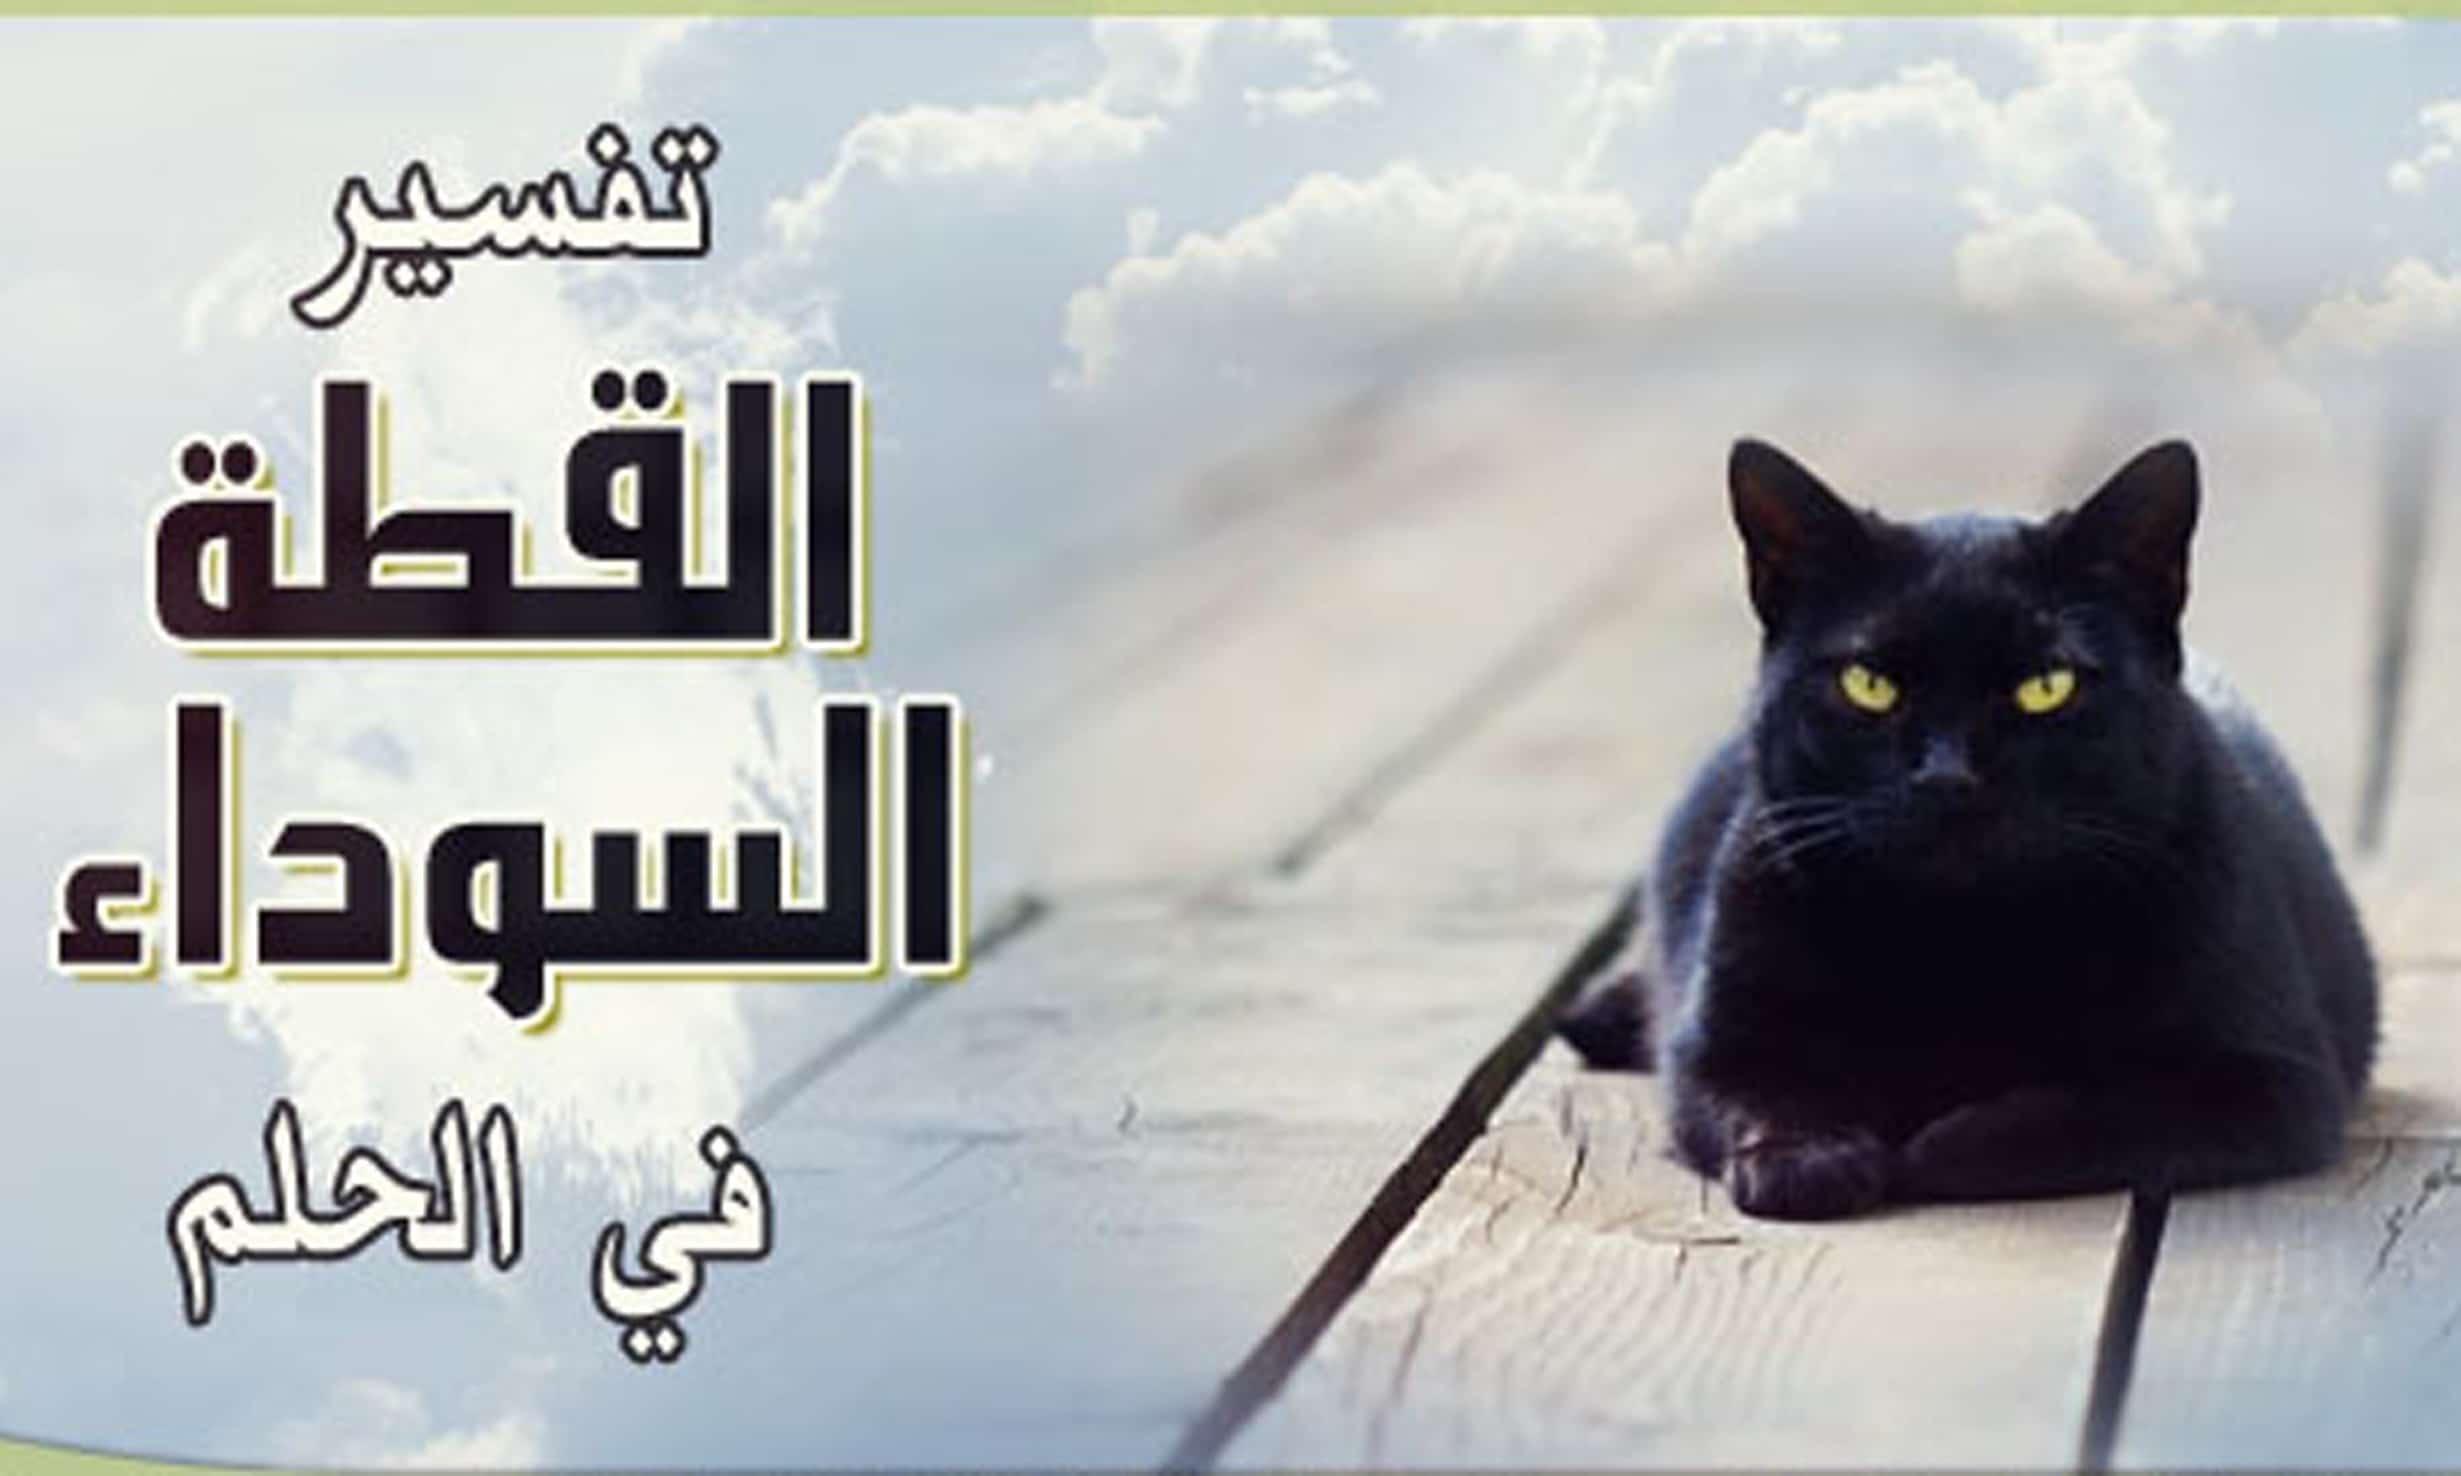 صور رؤية القطط بالمنام , رايت قطة فى المنام